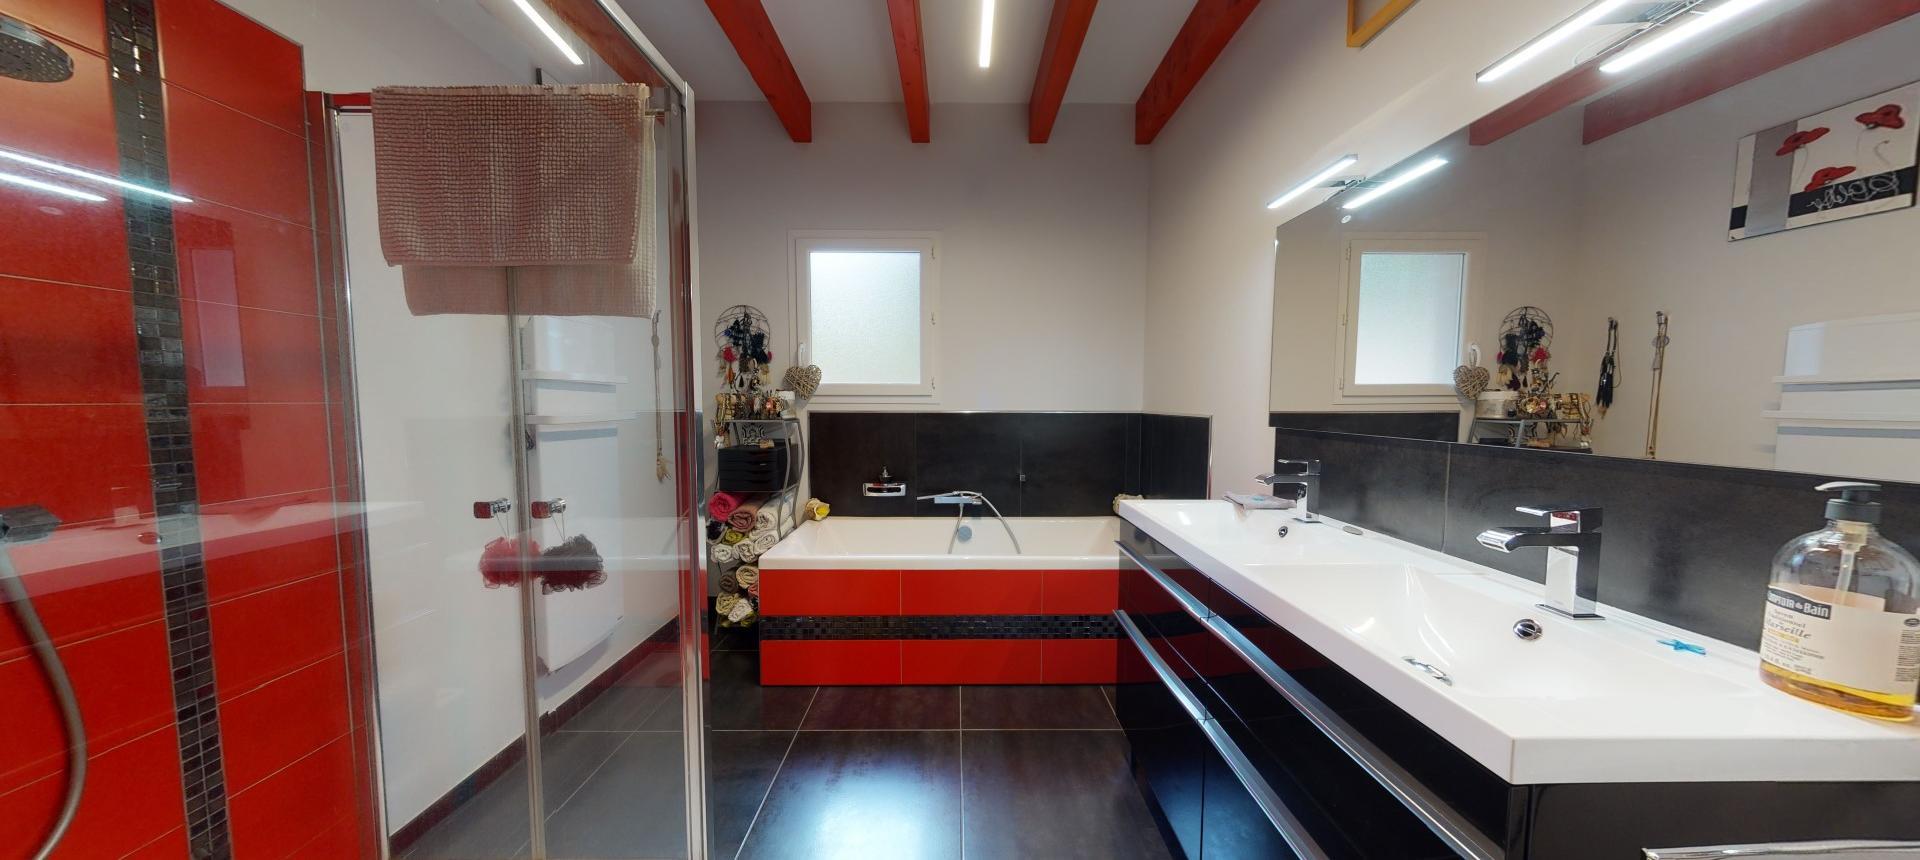 Villa à vendre proche Ajaccio - San Benedetto - Vue salle de bain - RDC